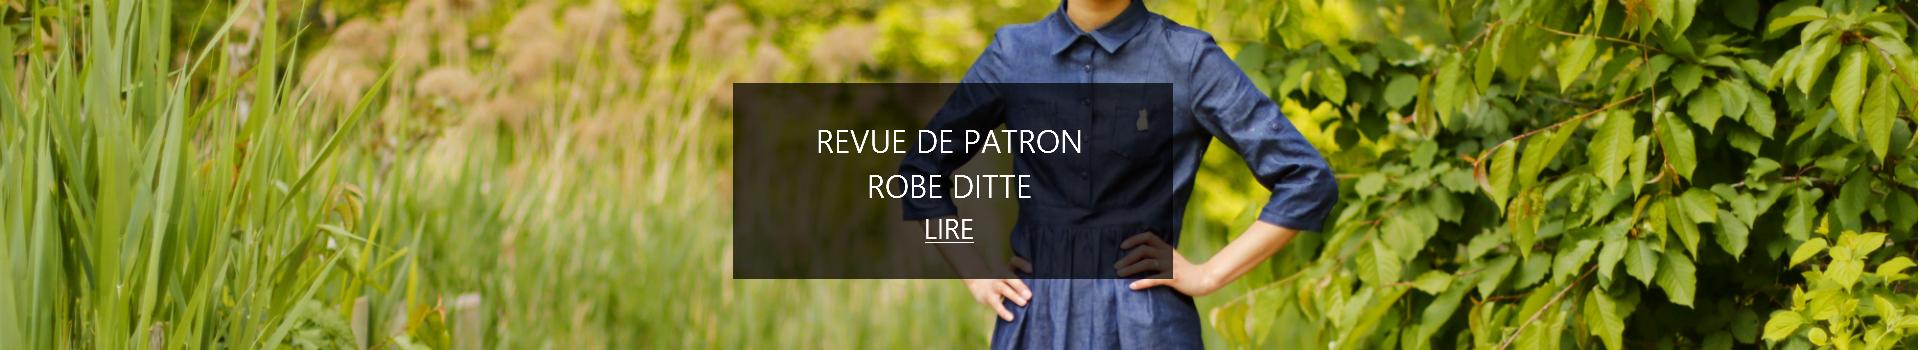 Chez Lisette Robe Ditte header